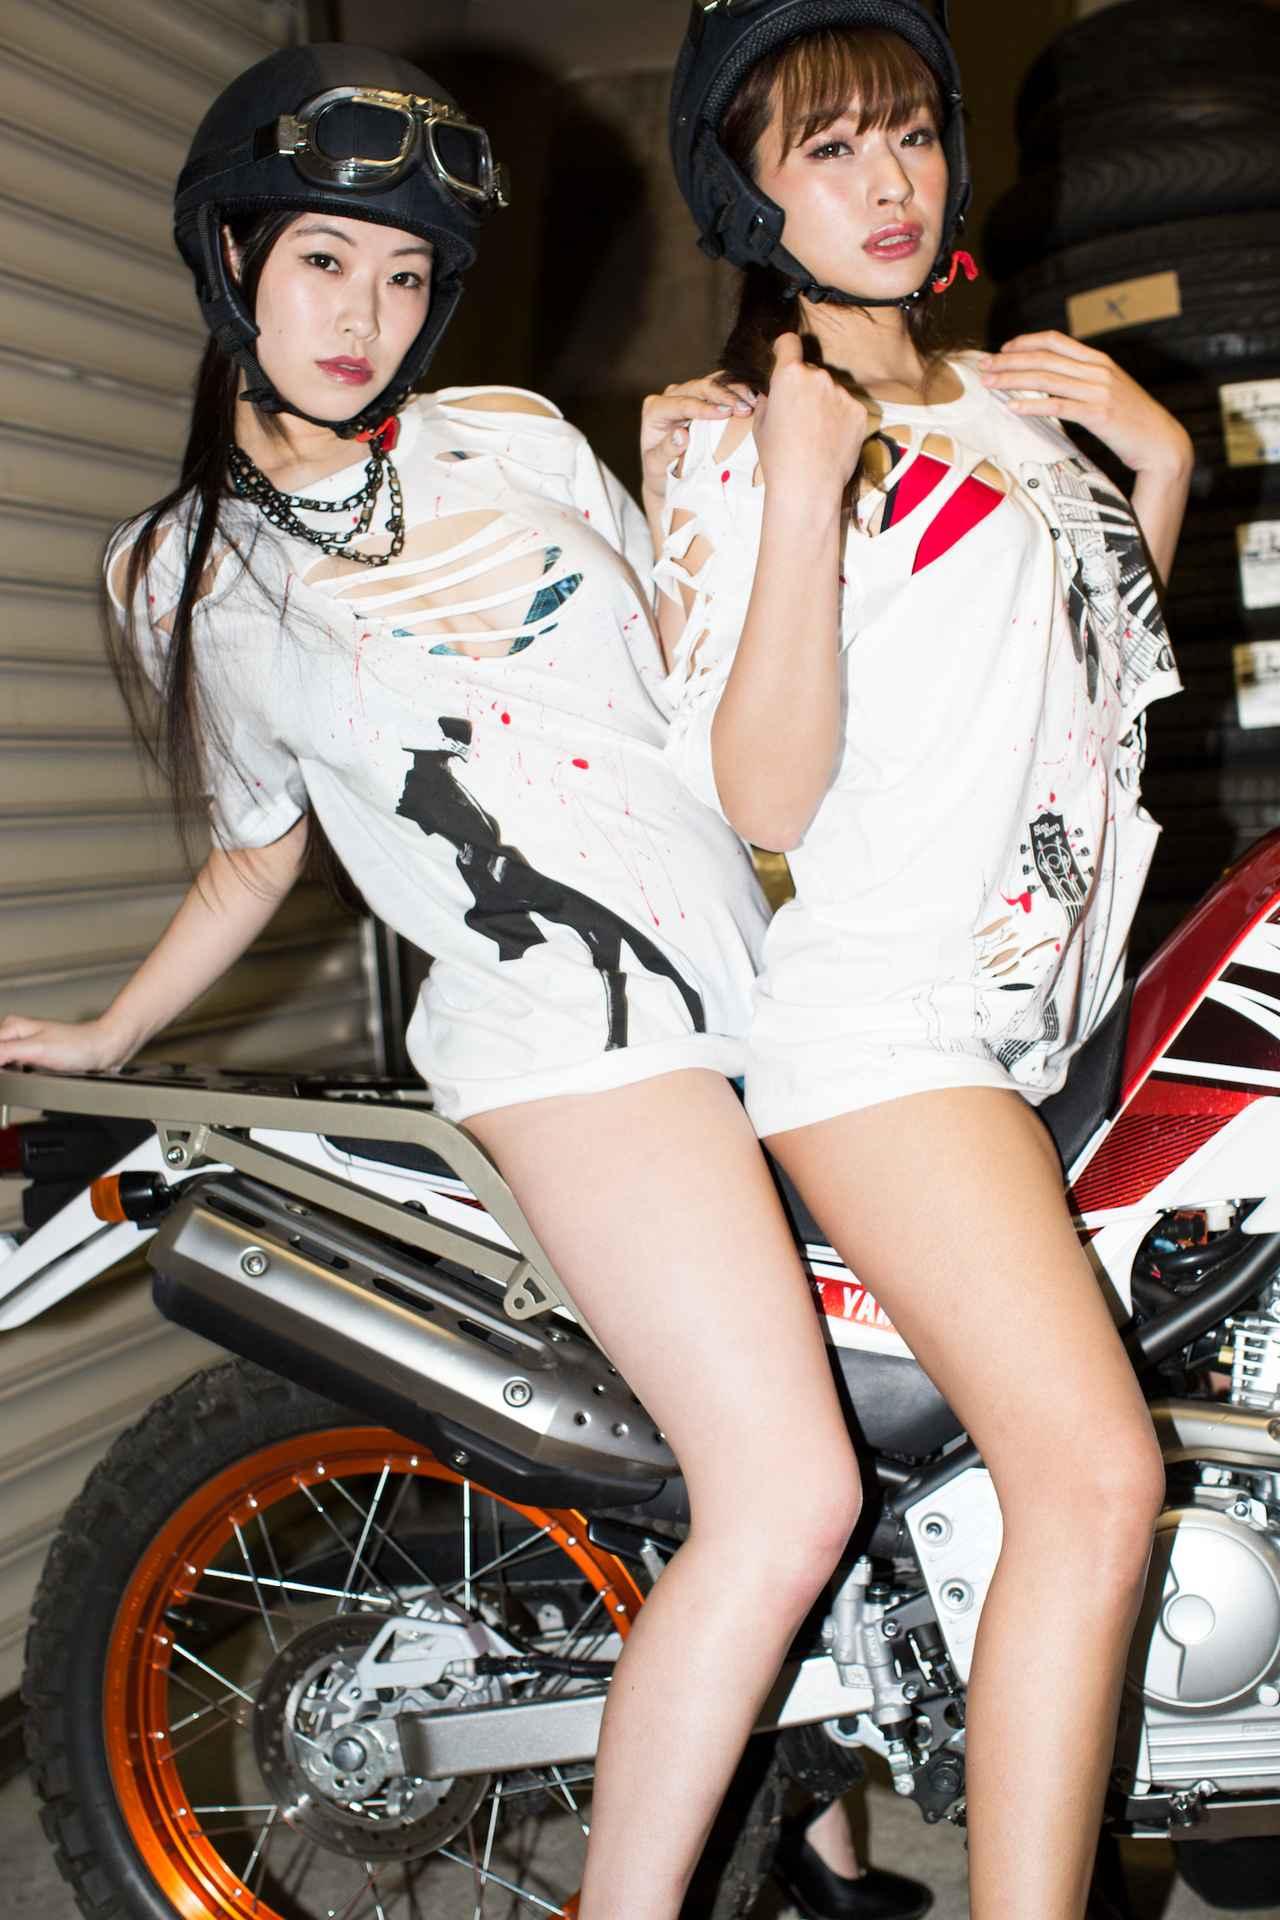 画像: 【今年もやります!】東京モーターサイクルショーにヘルメット女子がやってくる。 - LAWRENCE - Motorcycle x Cars + α = Your Life.